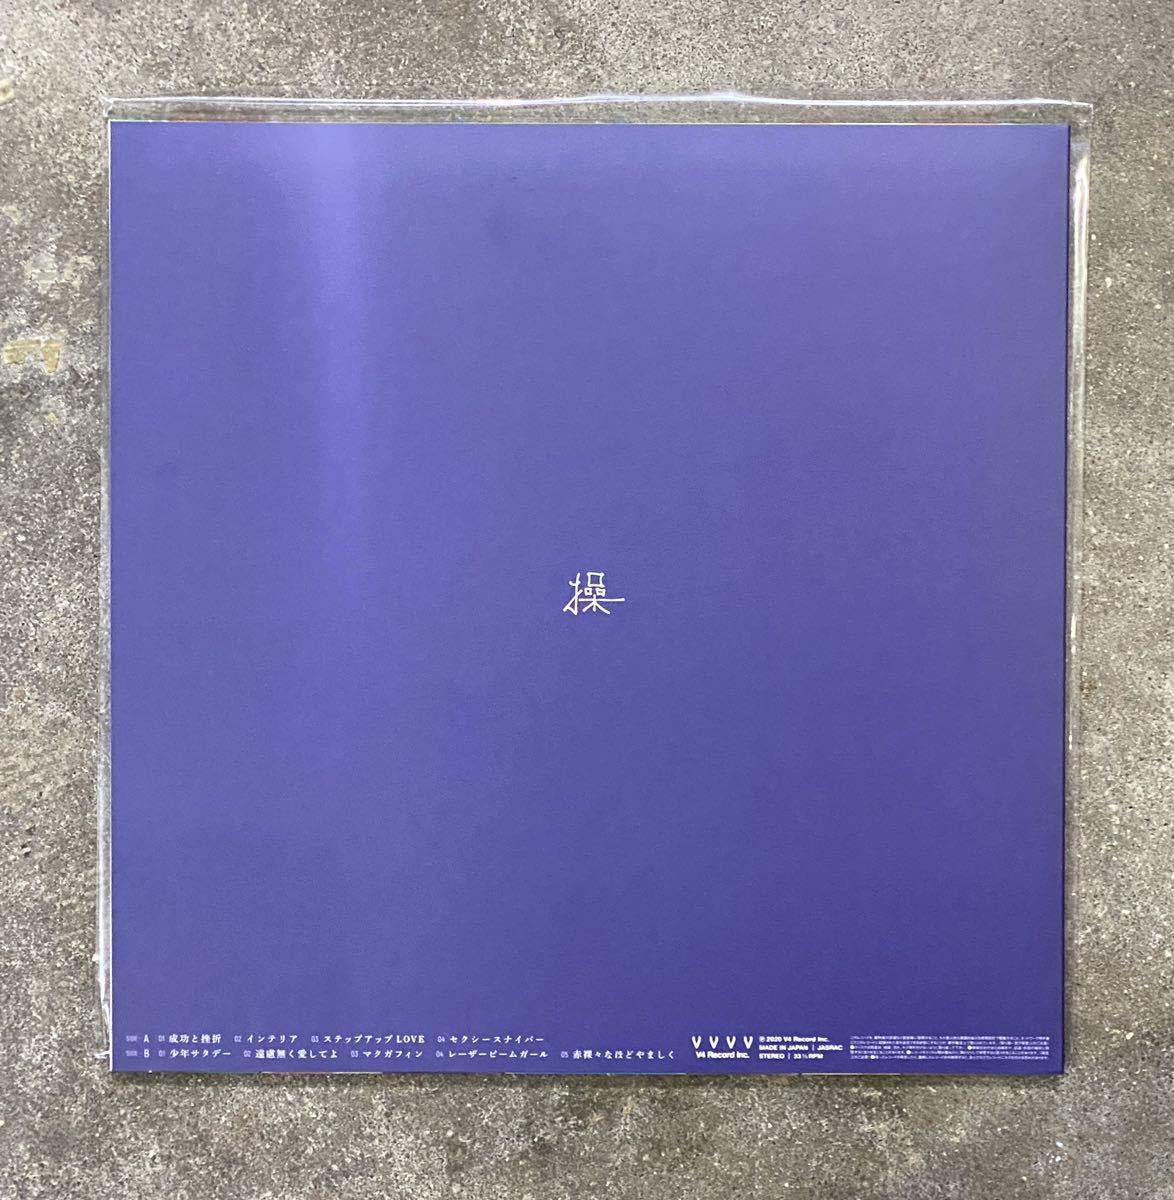 【新品未使用】 岡村靖幸『操』LP レコード アナログ盤 限定_画像2